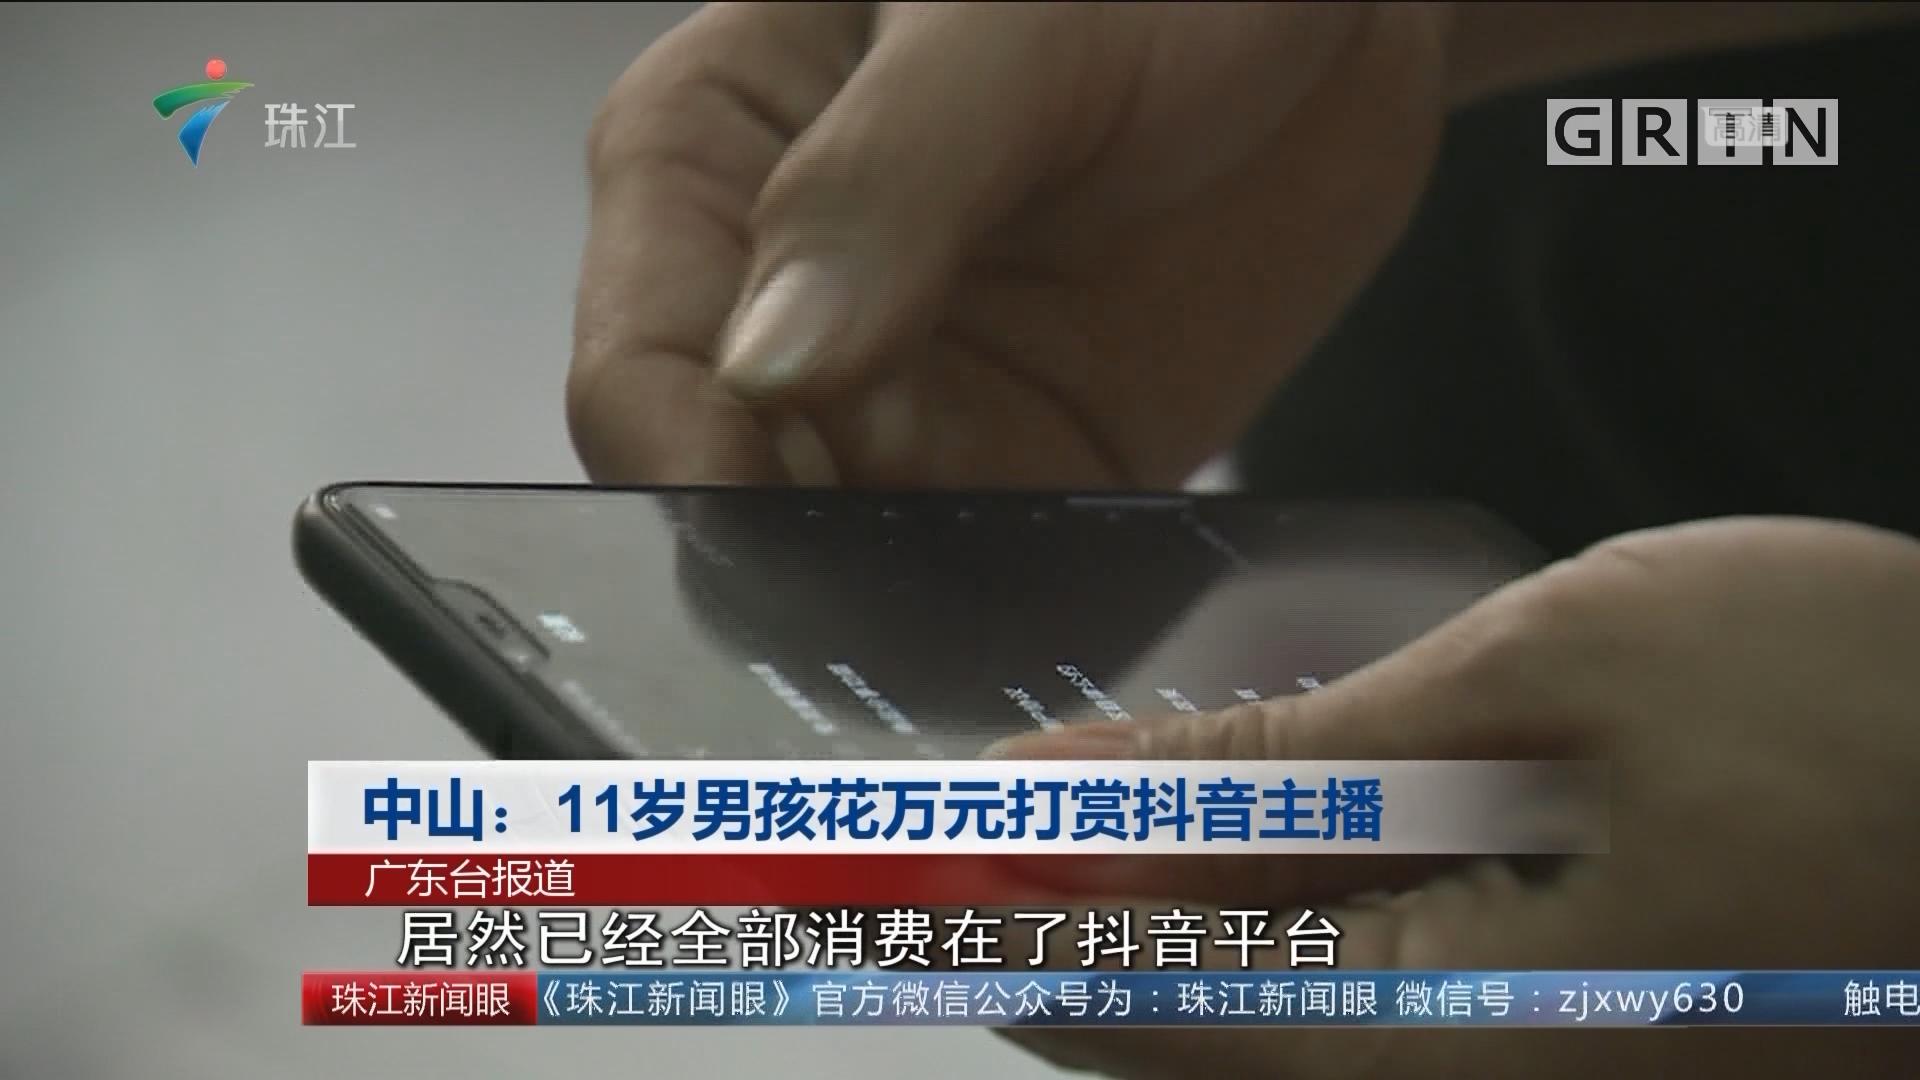 中山:11岁男孩花万元打赏抖音主播